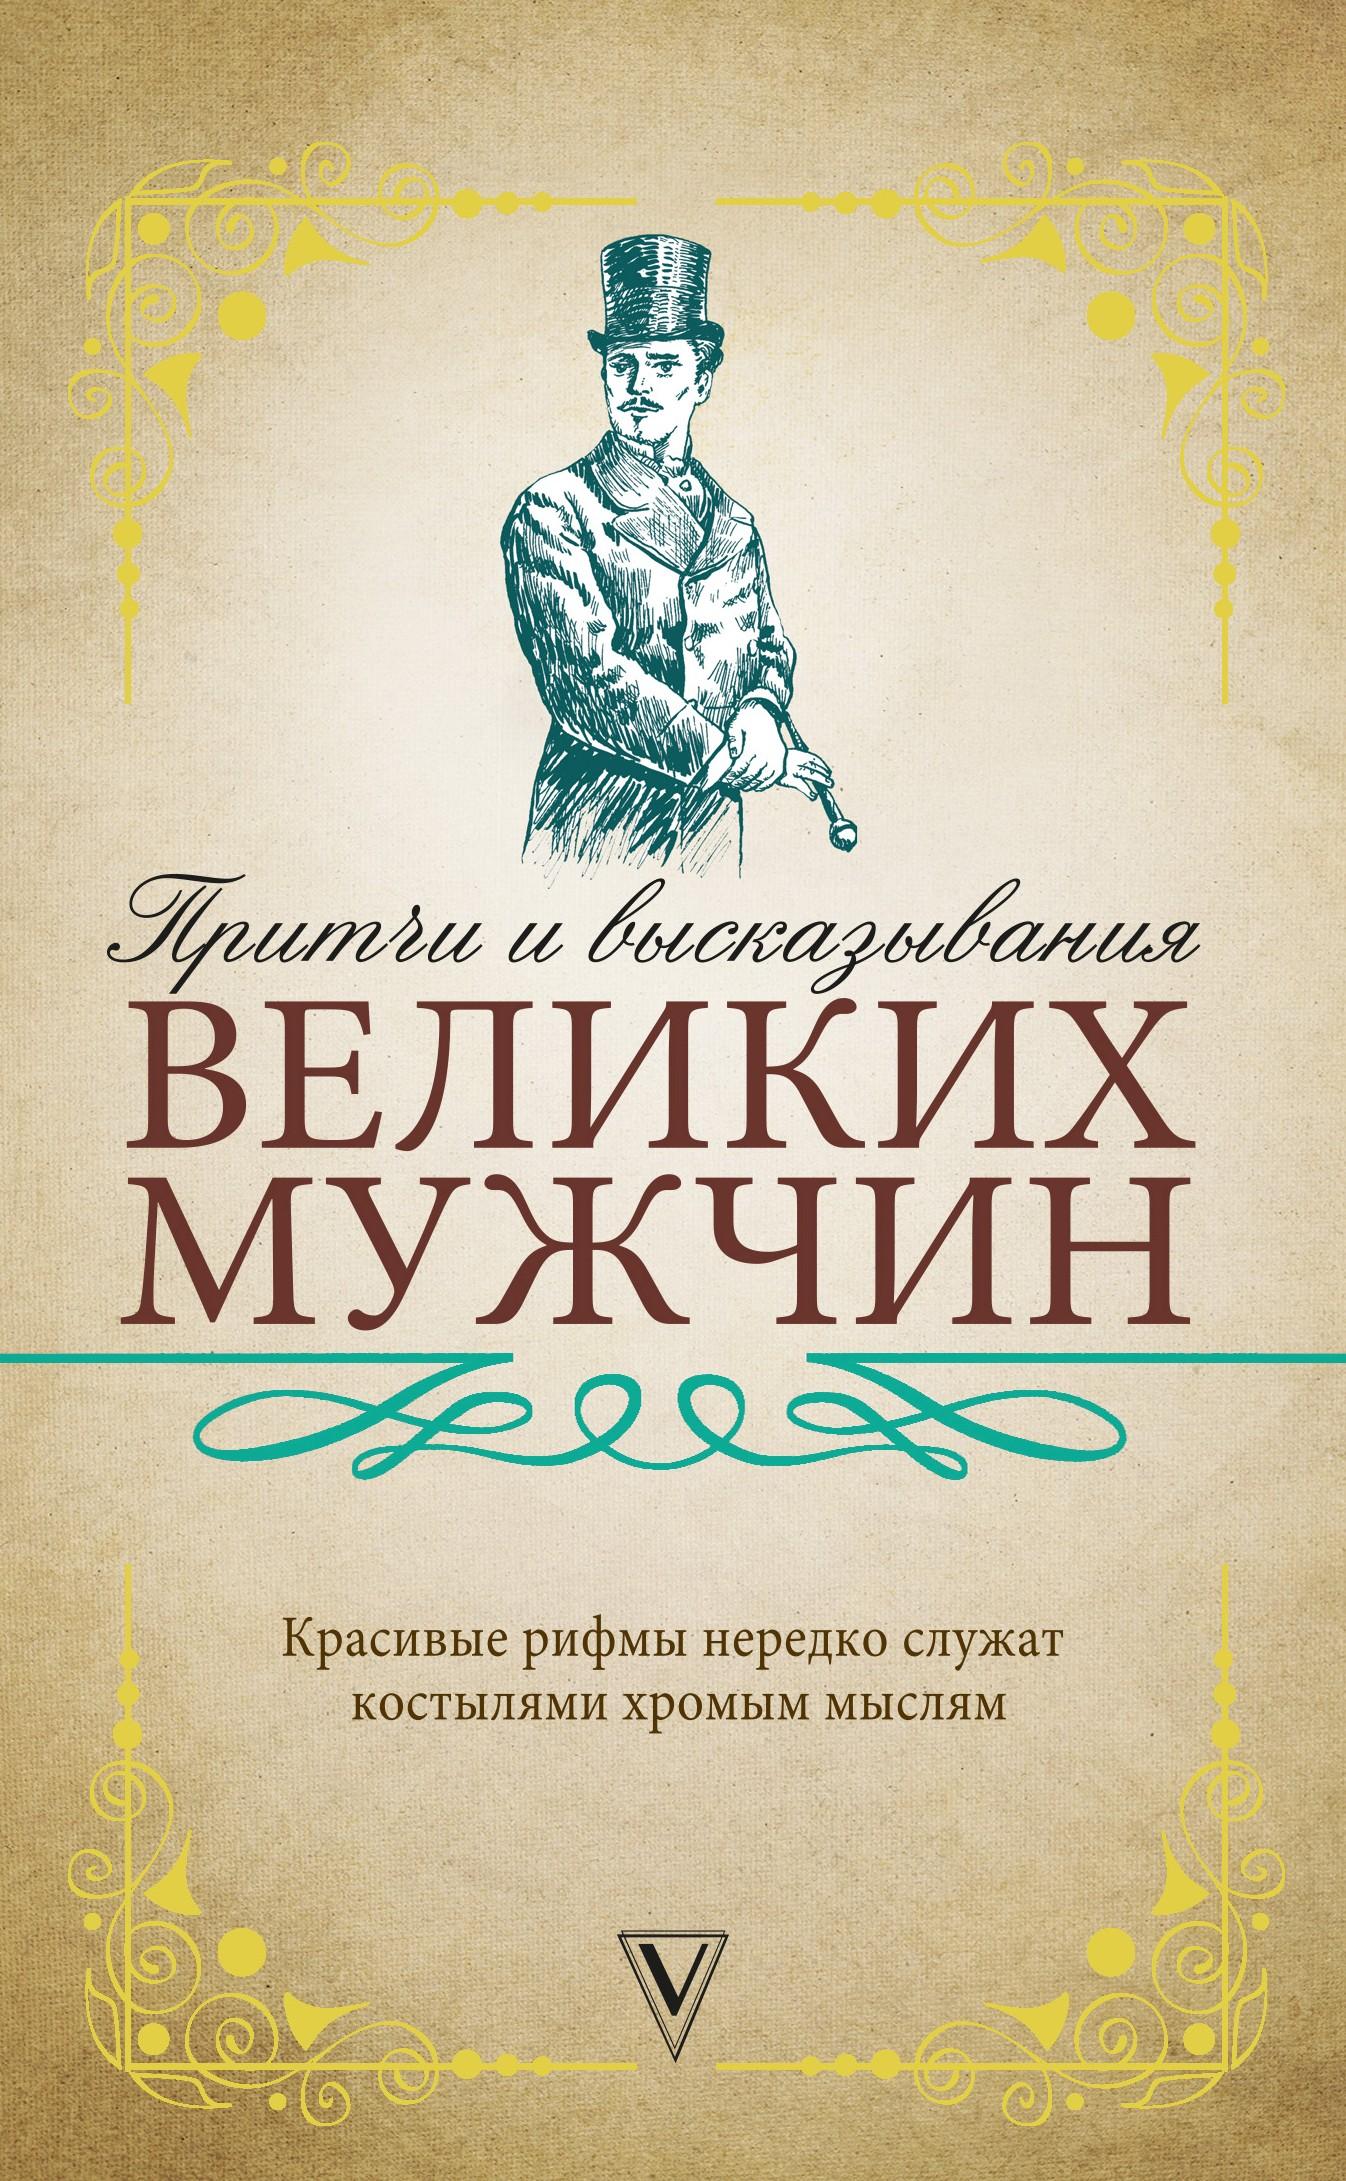 Сборник Притчи и высказывания великих мужчин шваб г мифы и притчи классической древности